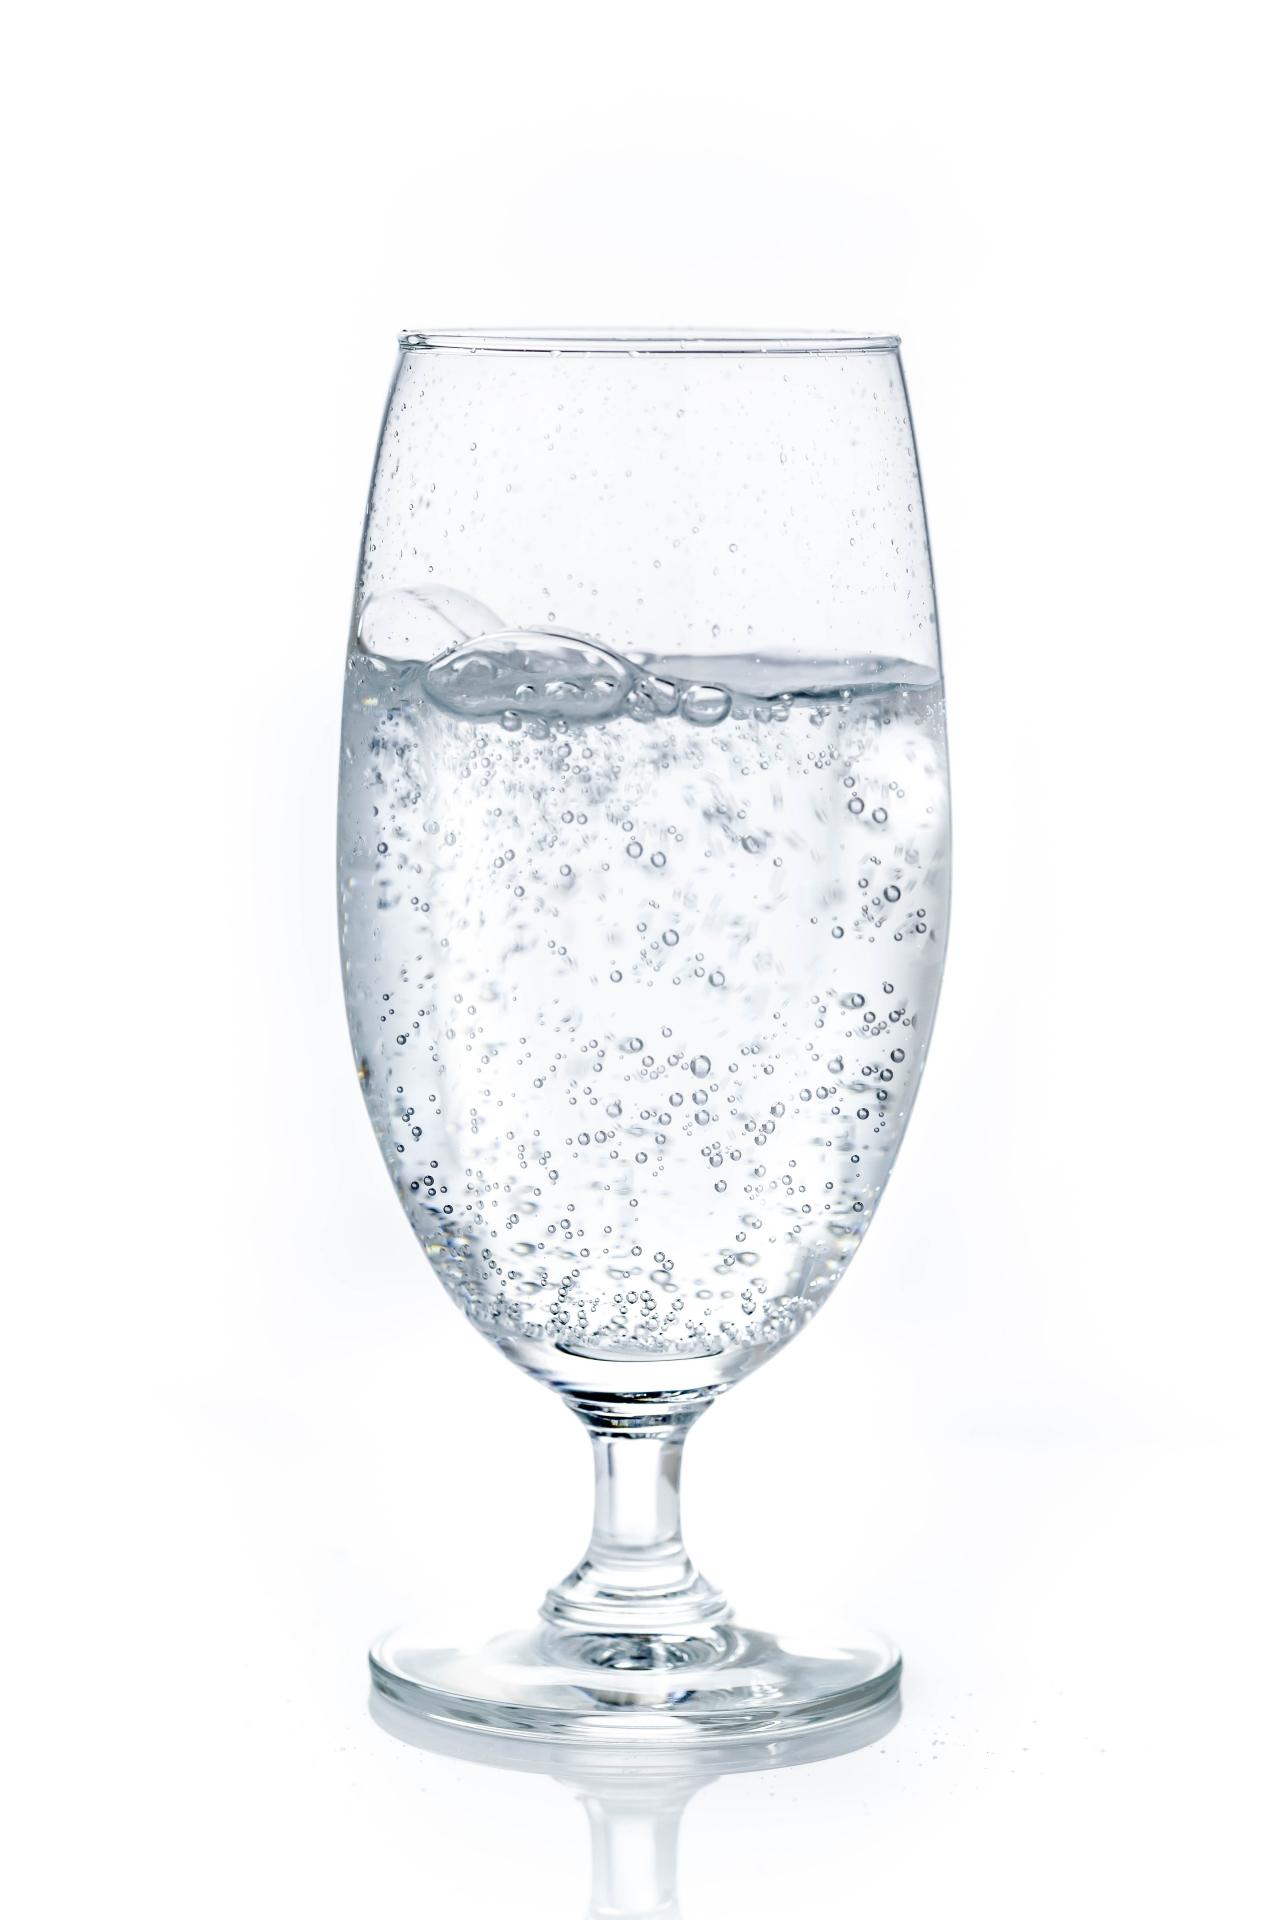 炭酸を飲めない理由って?子供に炭酸水を飲ませない親もいる!